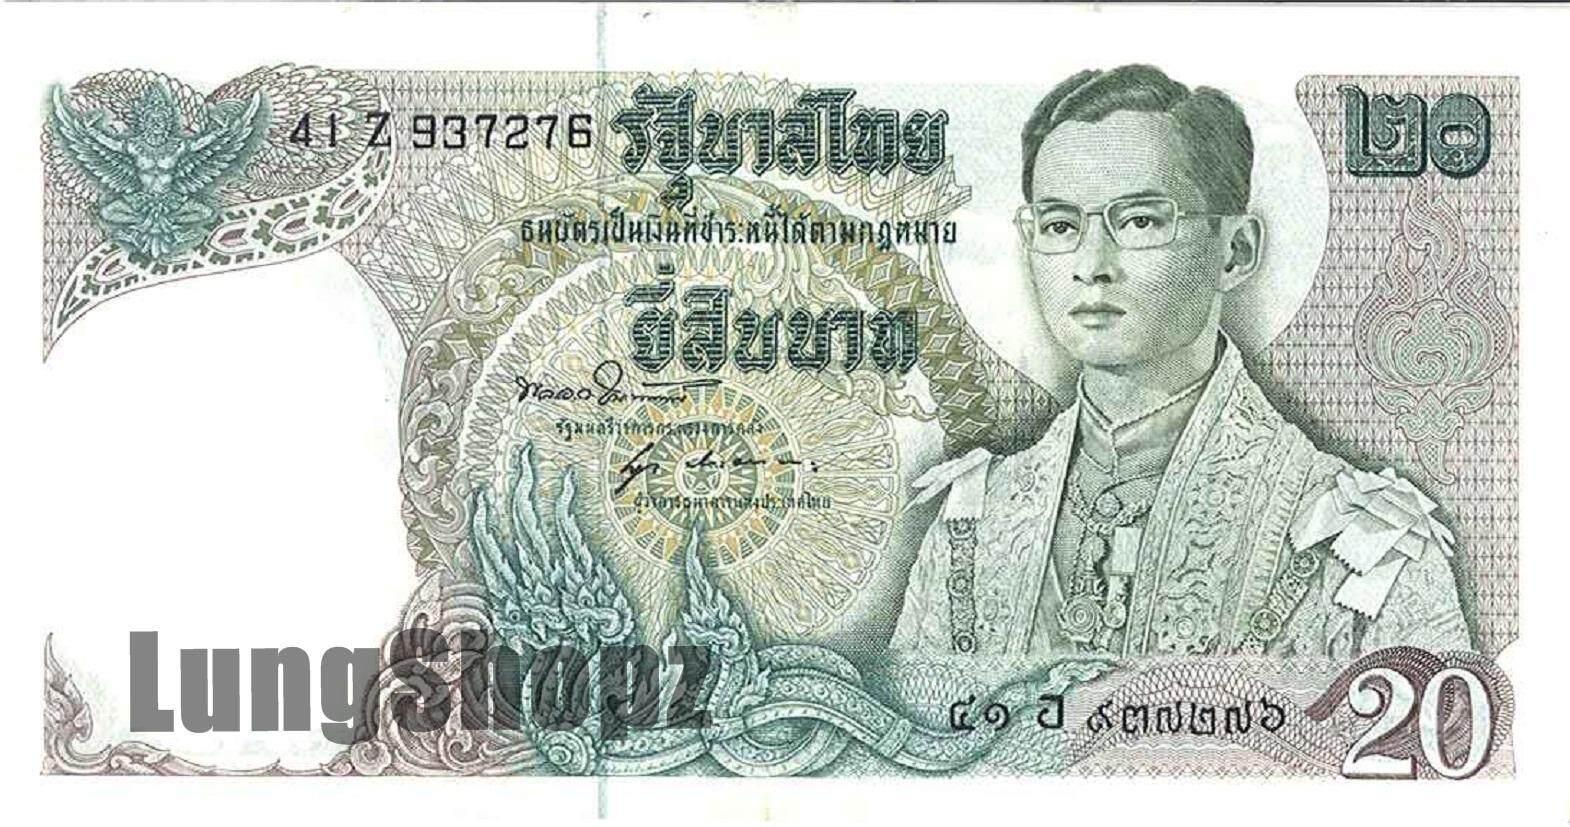 โปรโมชั่น ธนบัตร 20 บาท แบบ 11 หลังเรือพระที่นั่งอนันตนาคราช ใน กรุงเทพมหานคร